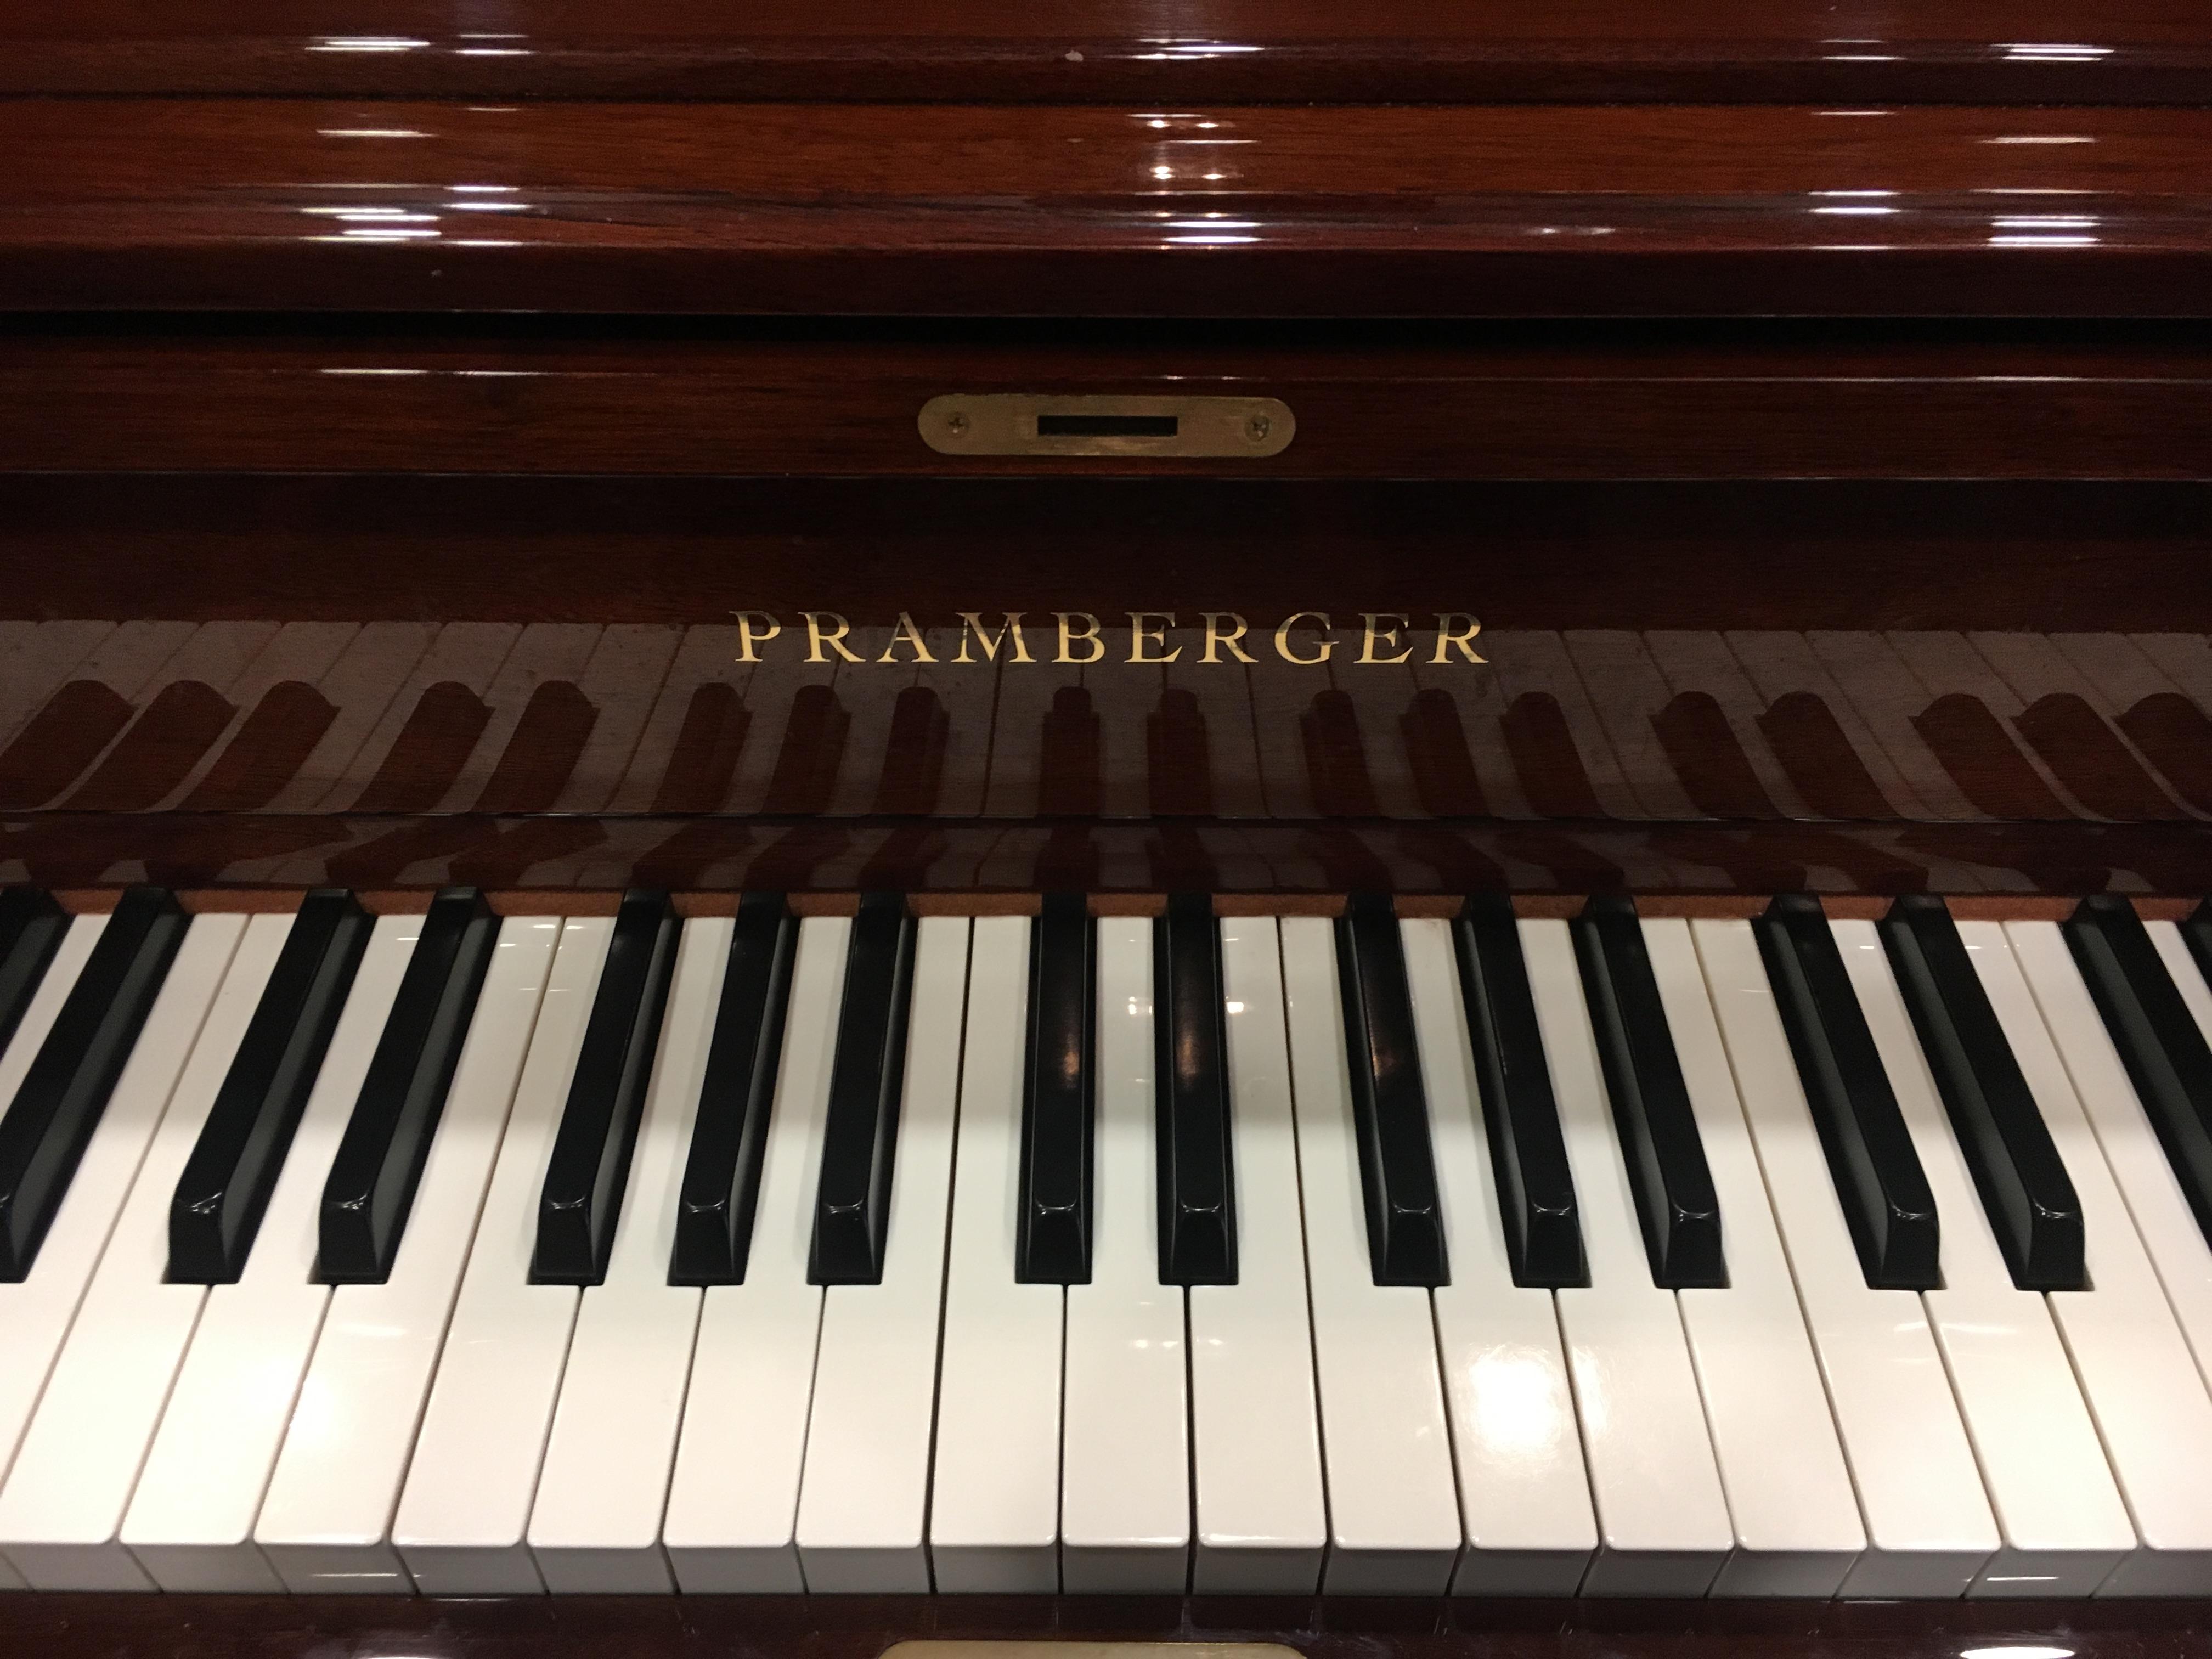 Used Pramberger PU118S Upright Piano - Merriam Music - Toronto's Top Piano  Store & Music School